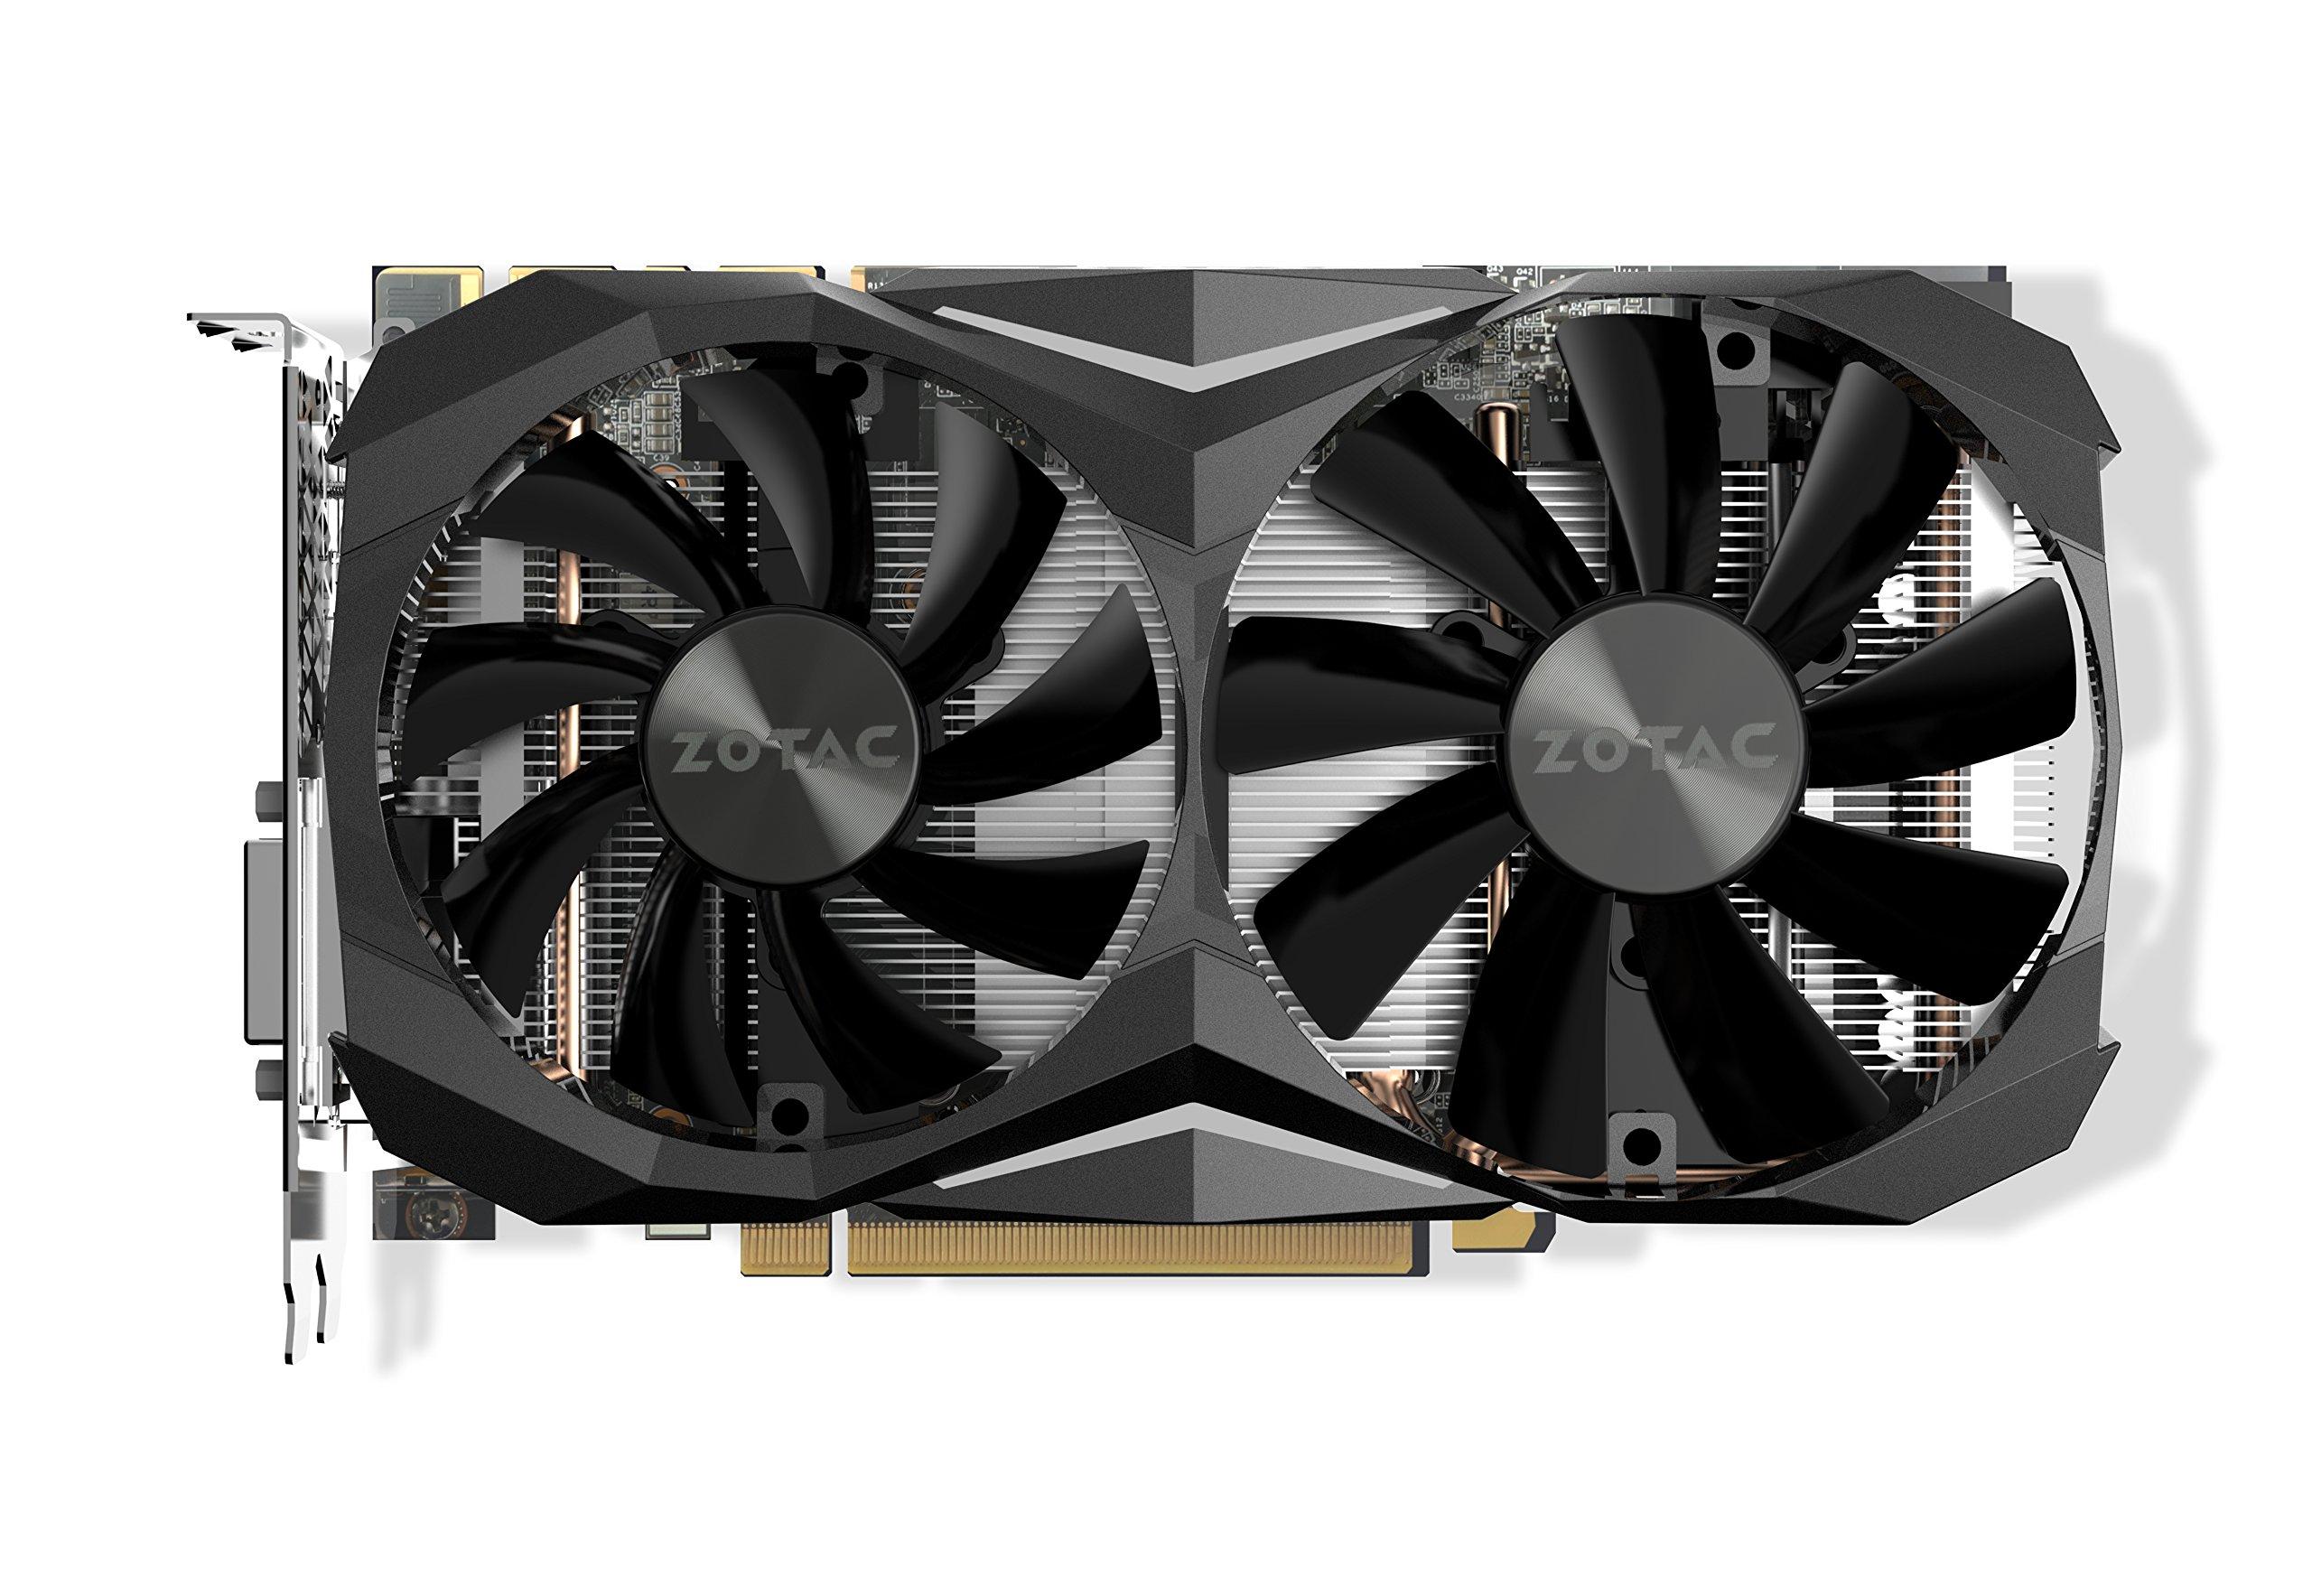 ZOTAC NVIDIA GeForce GTX 1080 Ti Mini 11GB GDDR5X DVI/HDMI/3DisplayPort PCI-Express Video Card by ZOTAC (Image #2)